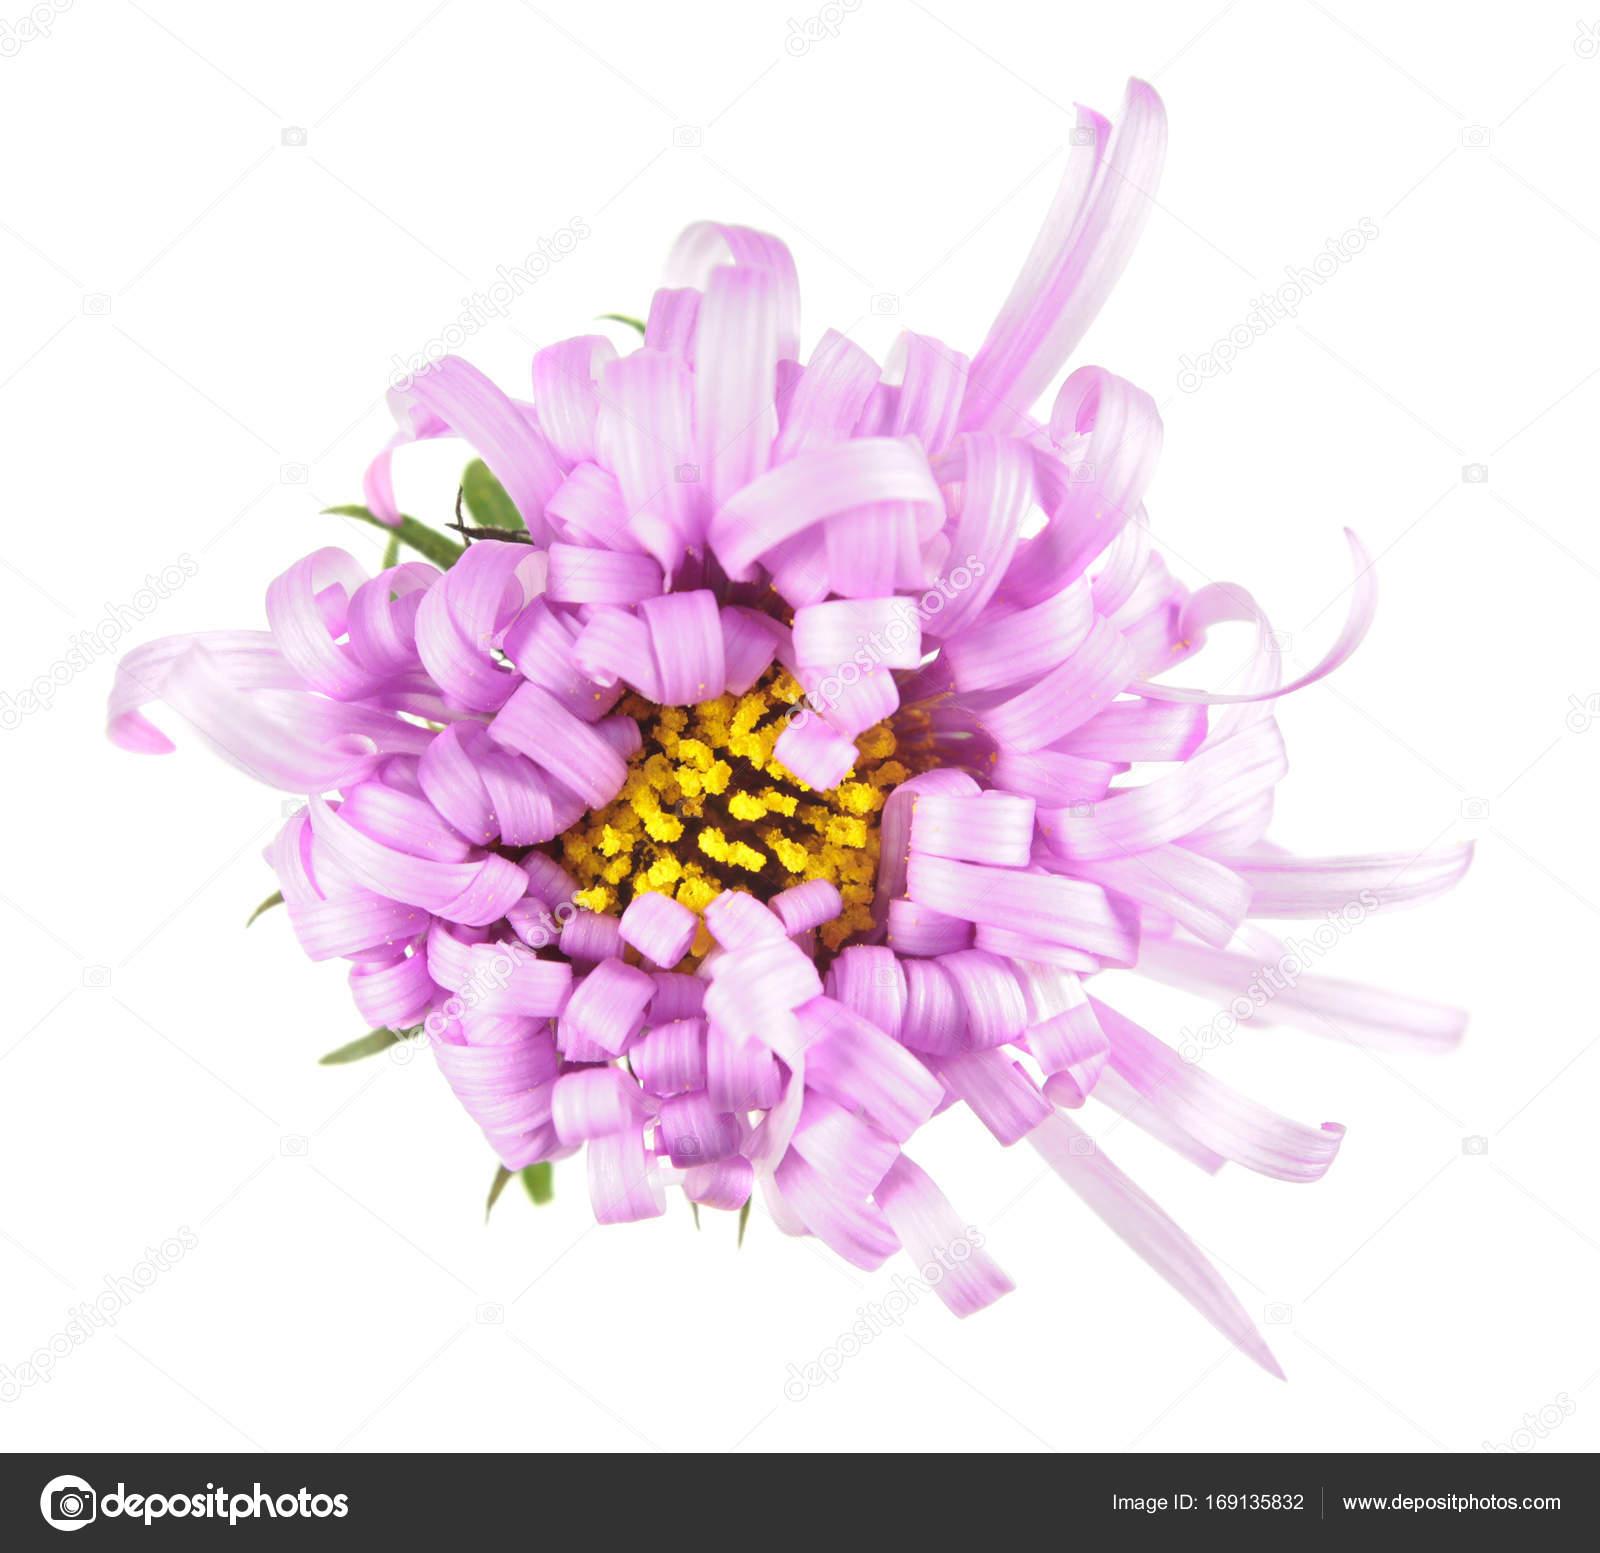 Delicada Flor Rosa Com Pétalas Encaracoladas Isolado No Fundo Branco